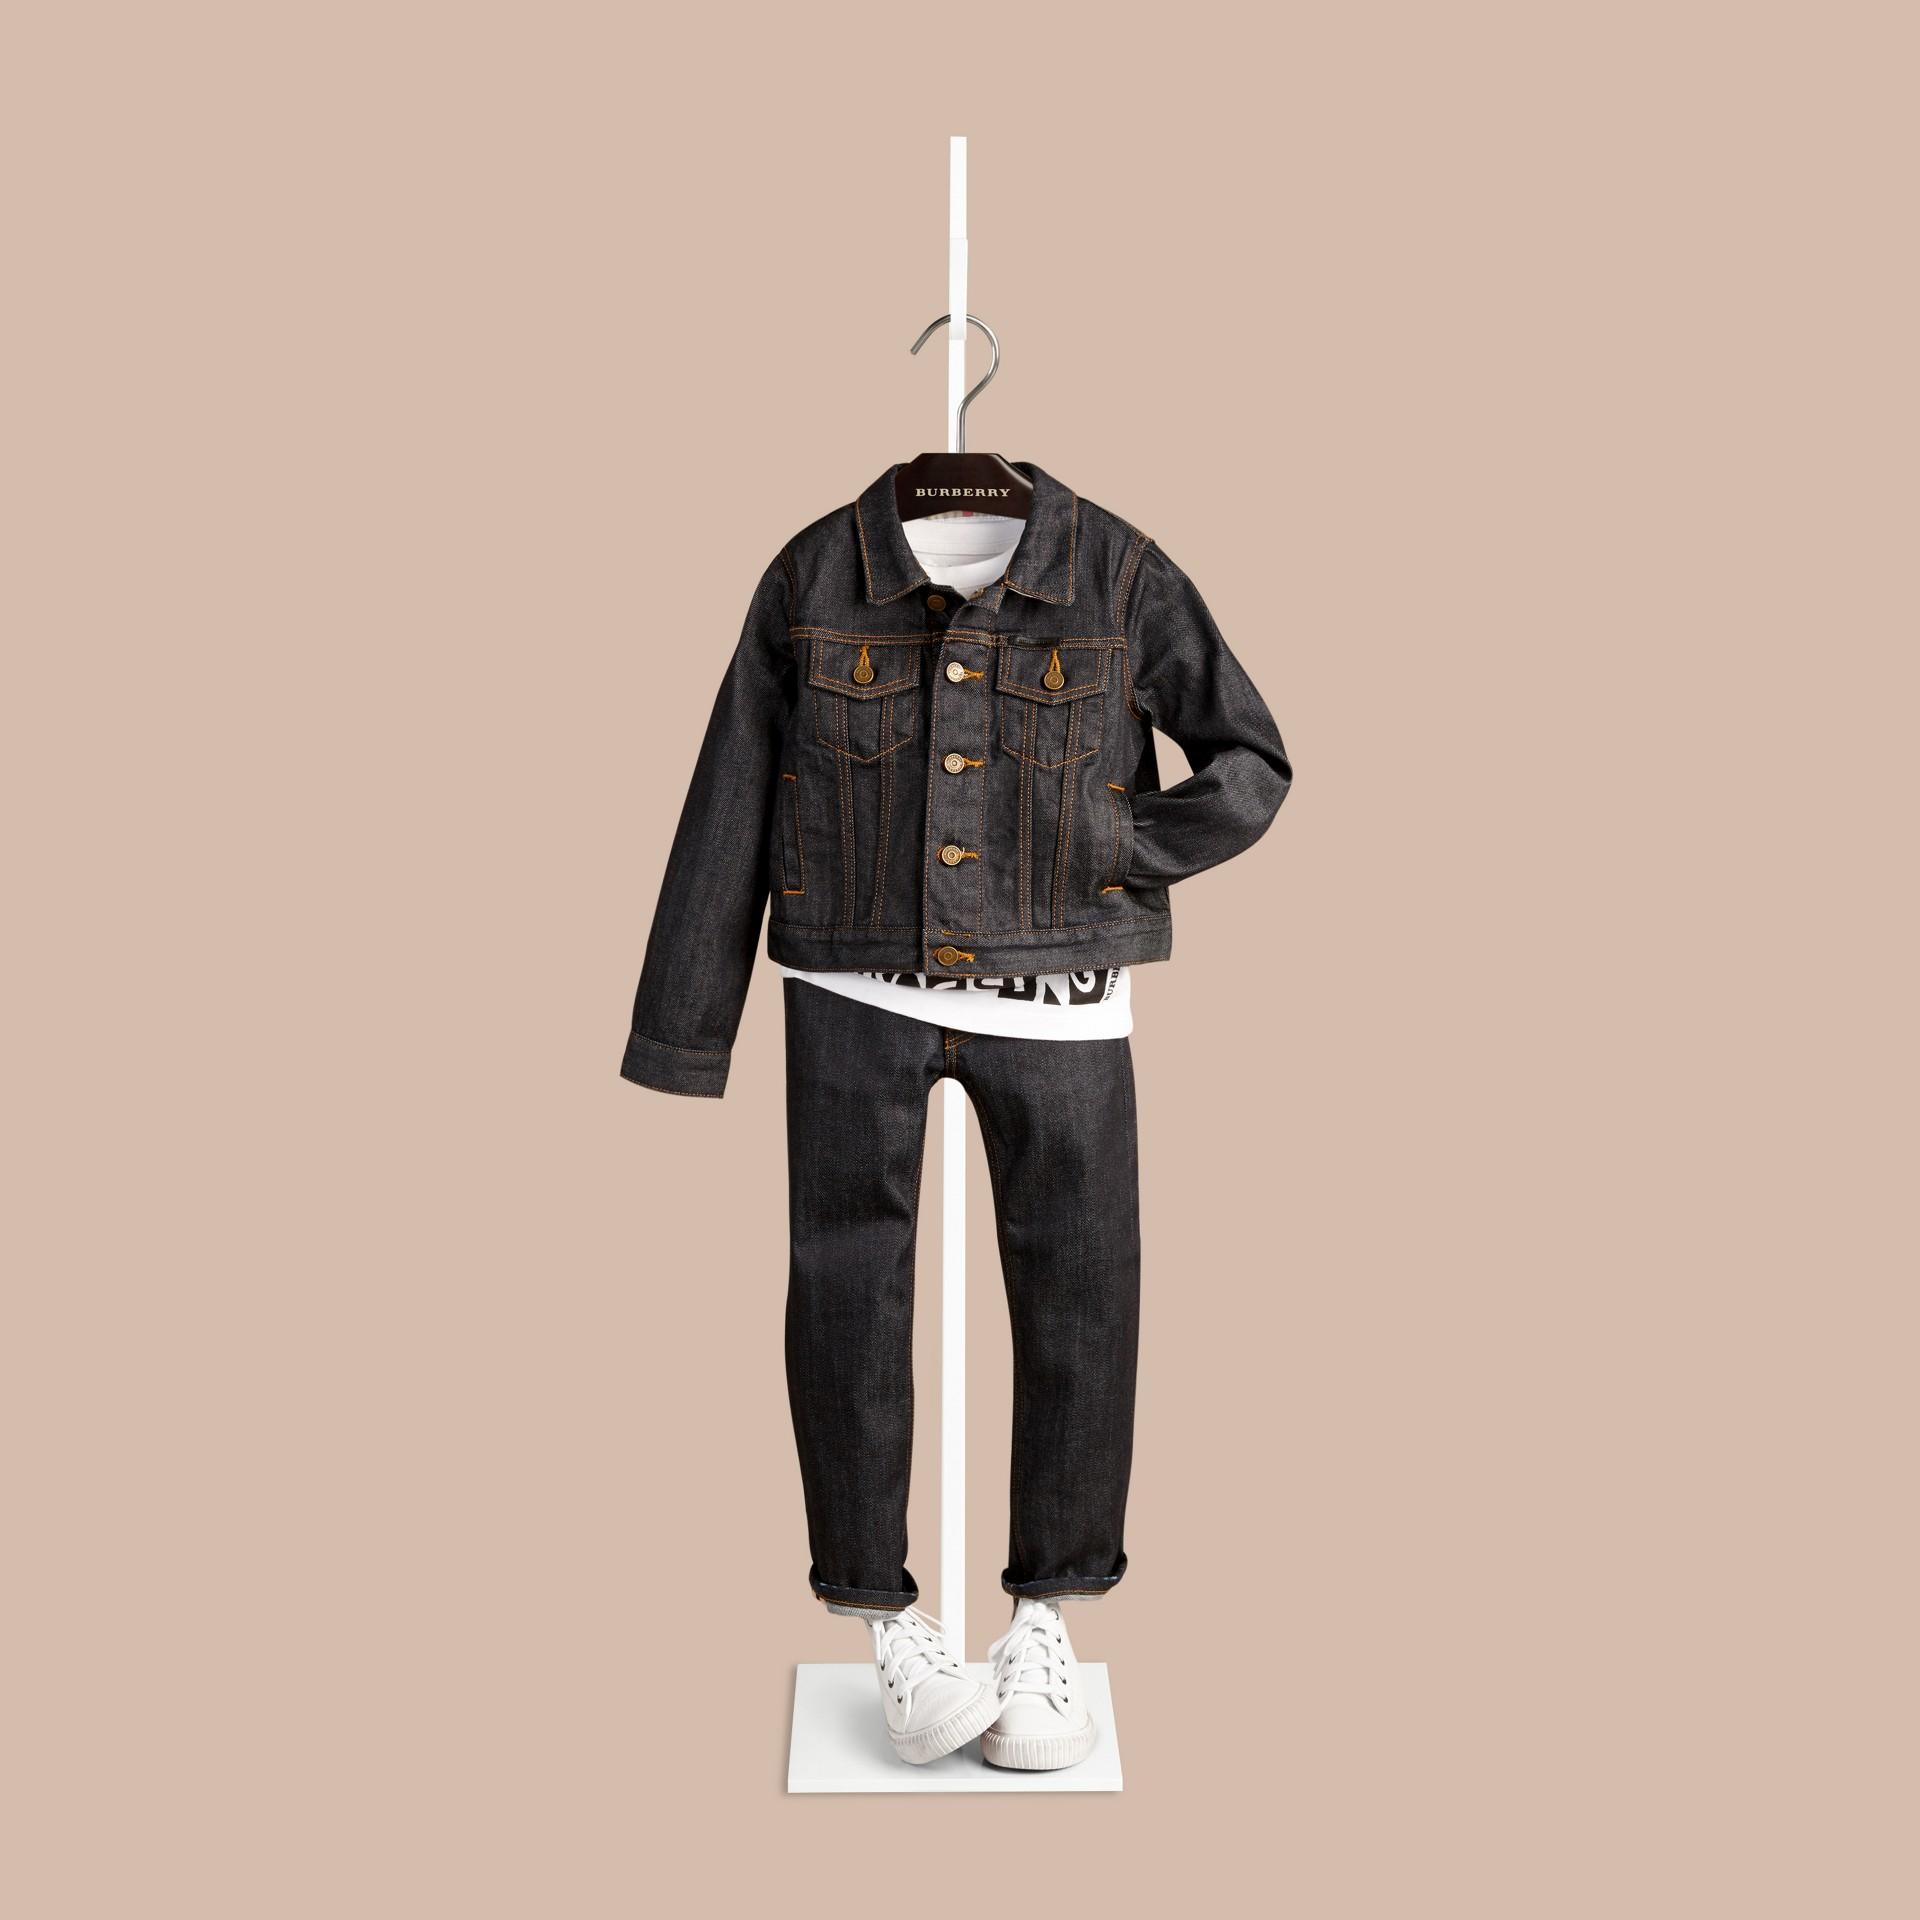 Dark indigo Jaqueta de tecido jeans japonês com detalhe xadrez - galeria de imagens 2